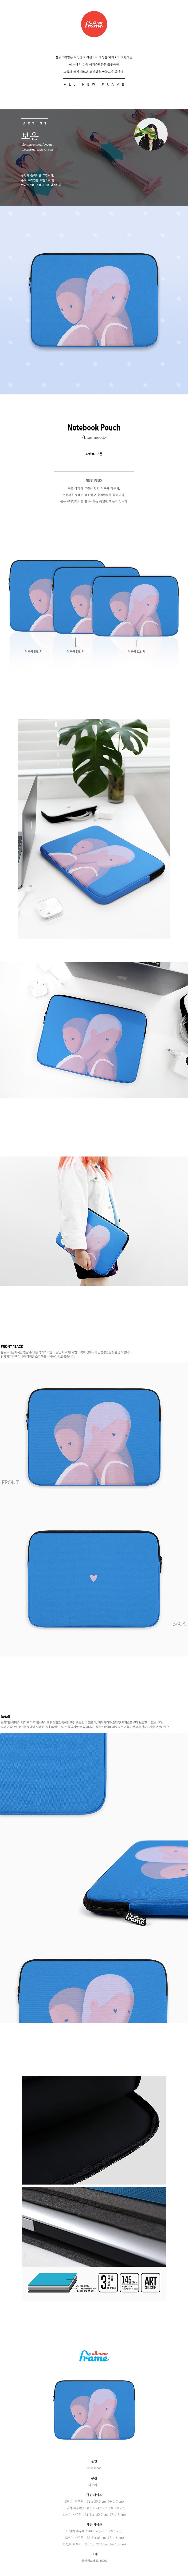 Blue mood (11-13-15형)20,000원-올뉴프레임디지털, 노트북가방/파우치류, 노트북 케이스/파우치, 27.94cm~33.78cm바보사랑Blue mood (11-13-15형)20,000원-올뉴프레임디지털, 노트북가방/파우치류, 노트북 케이스/파우치, 27.94cm~33.78cm바보사랑